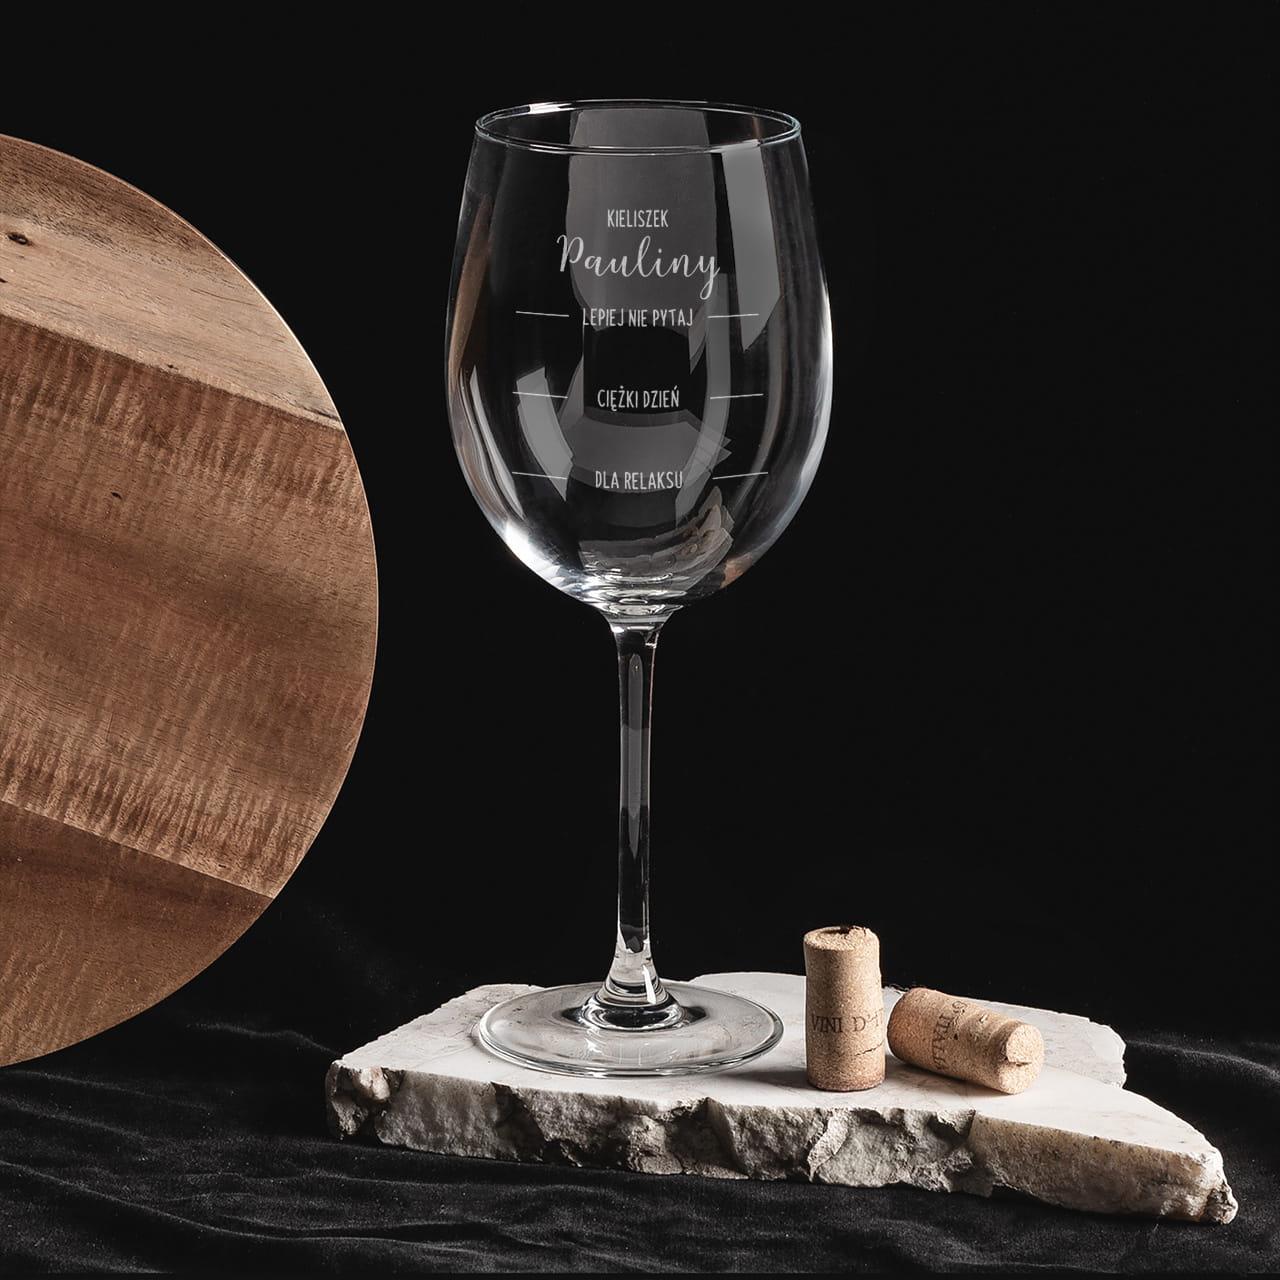 Kieliszek do wina to wyjątkowy prezent dla dziewczyny